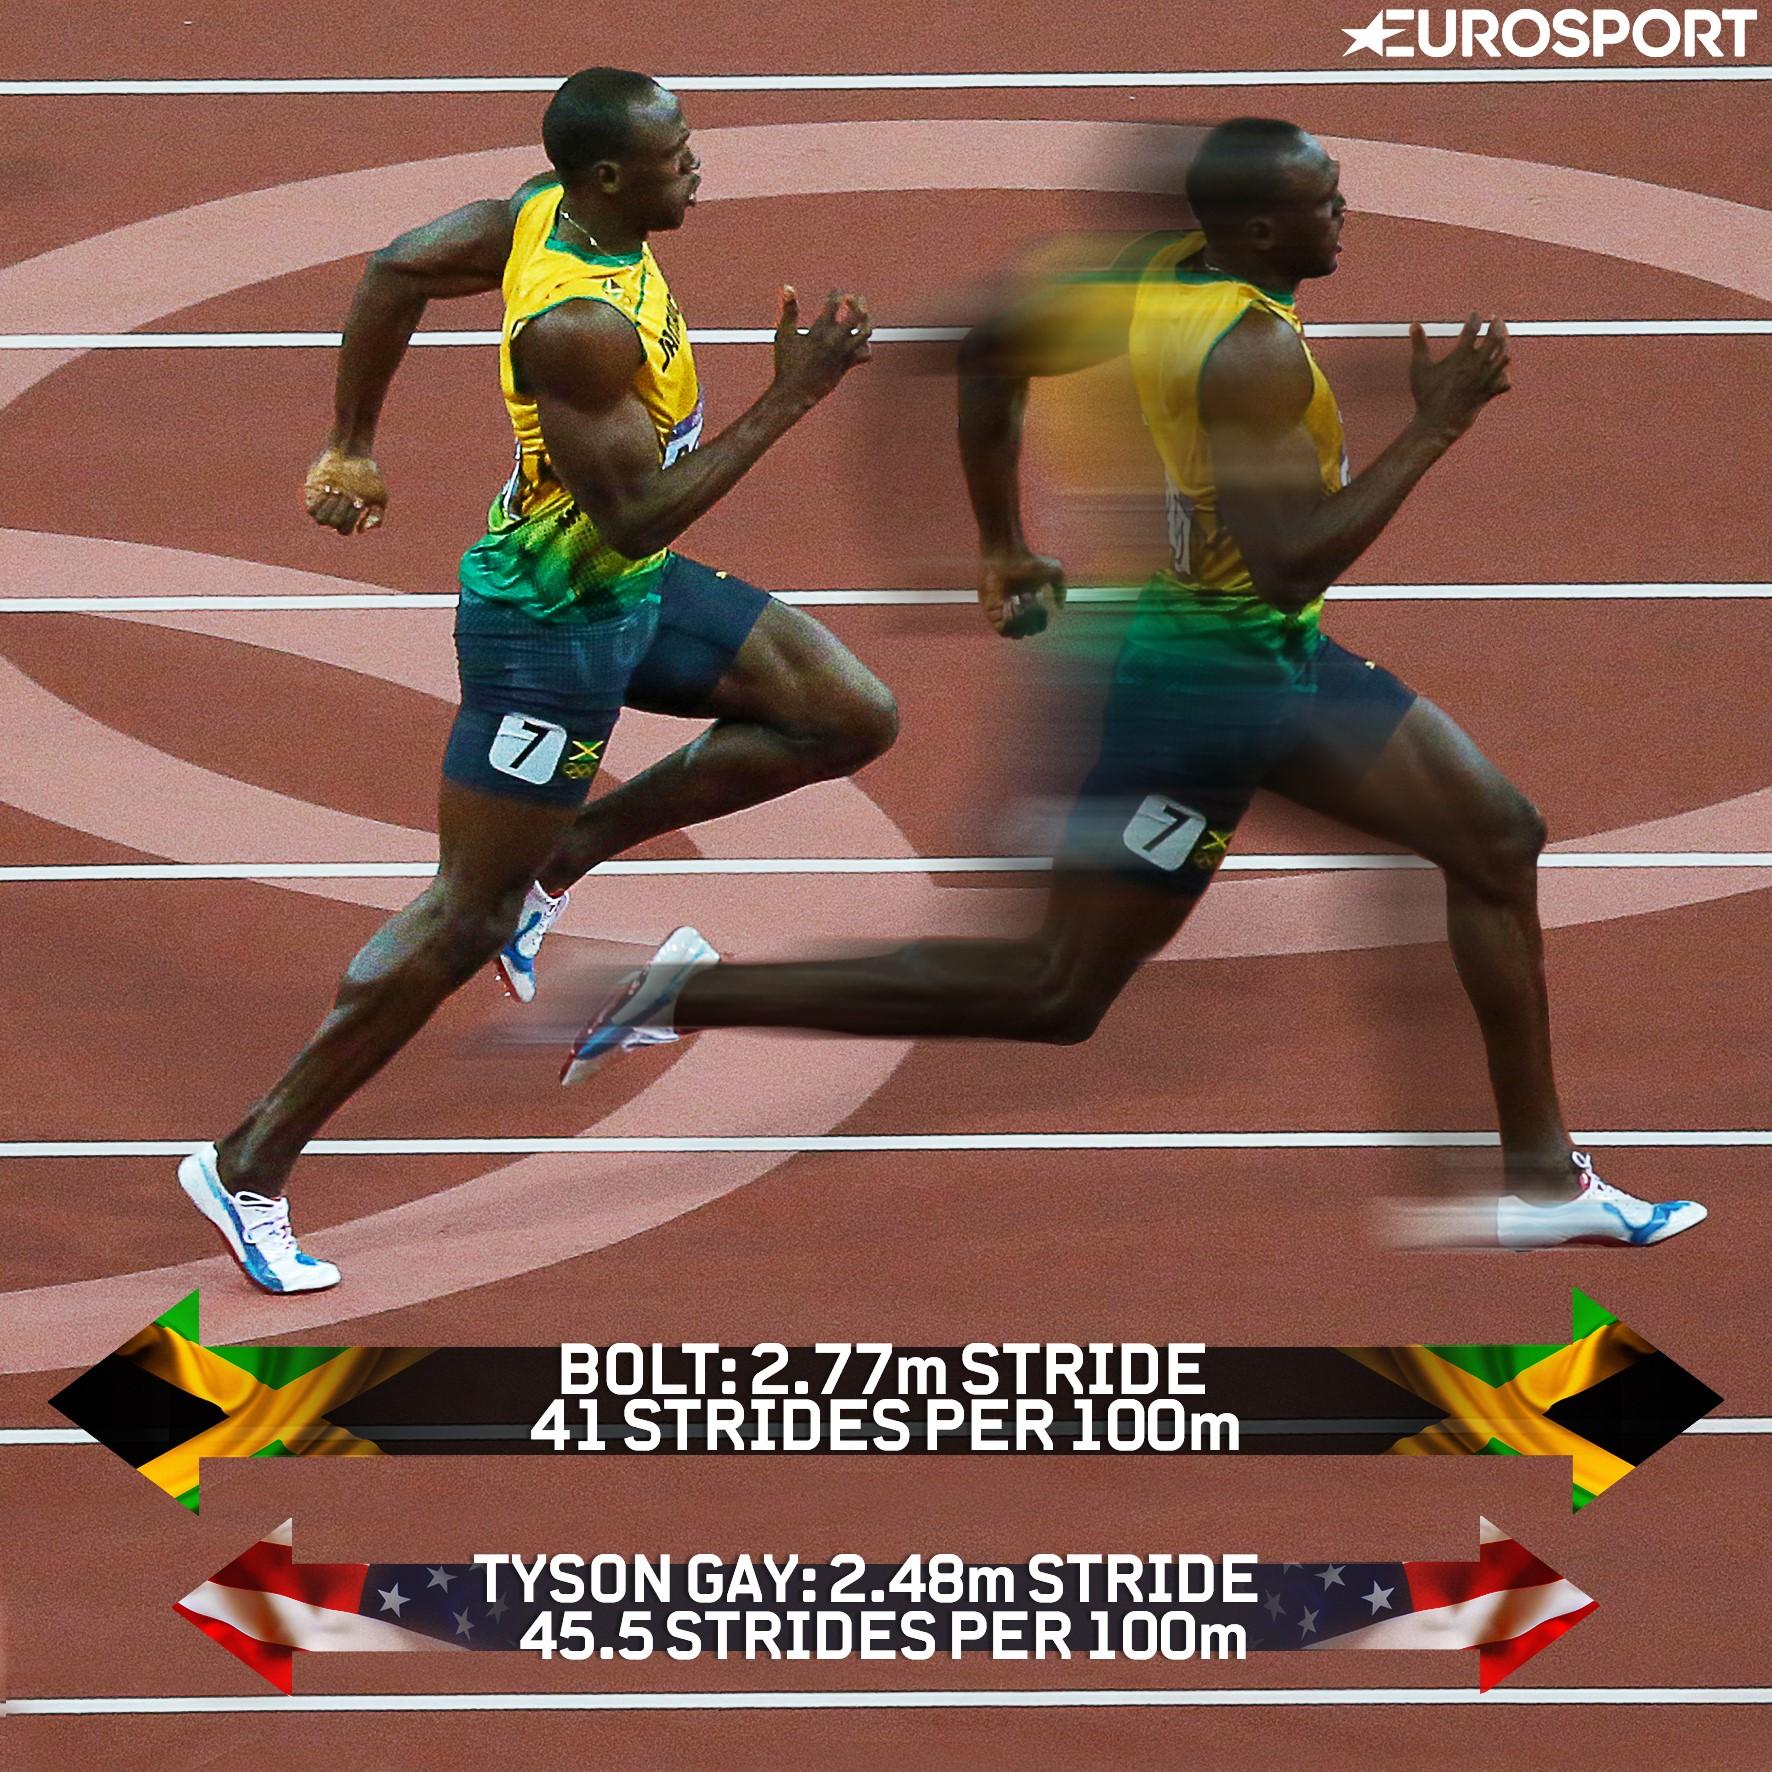 Usain Bolt's superior stride length